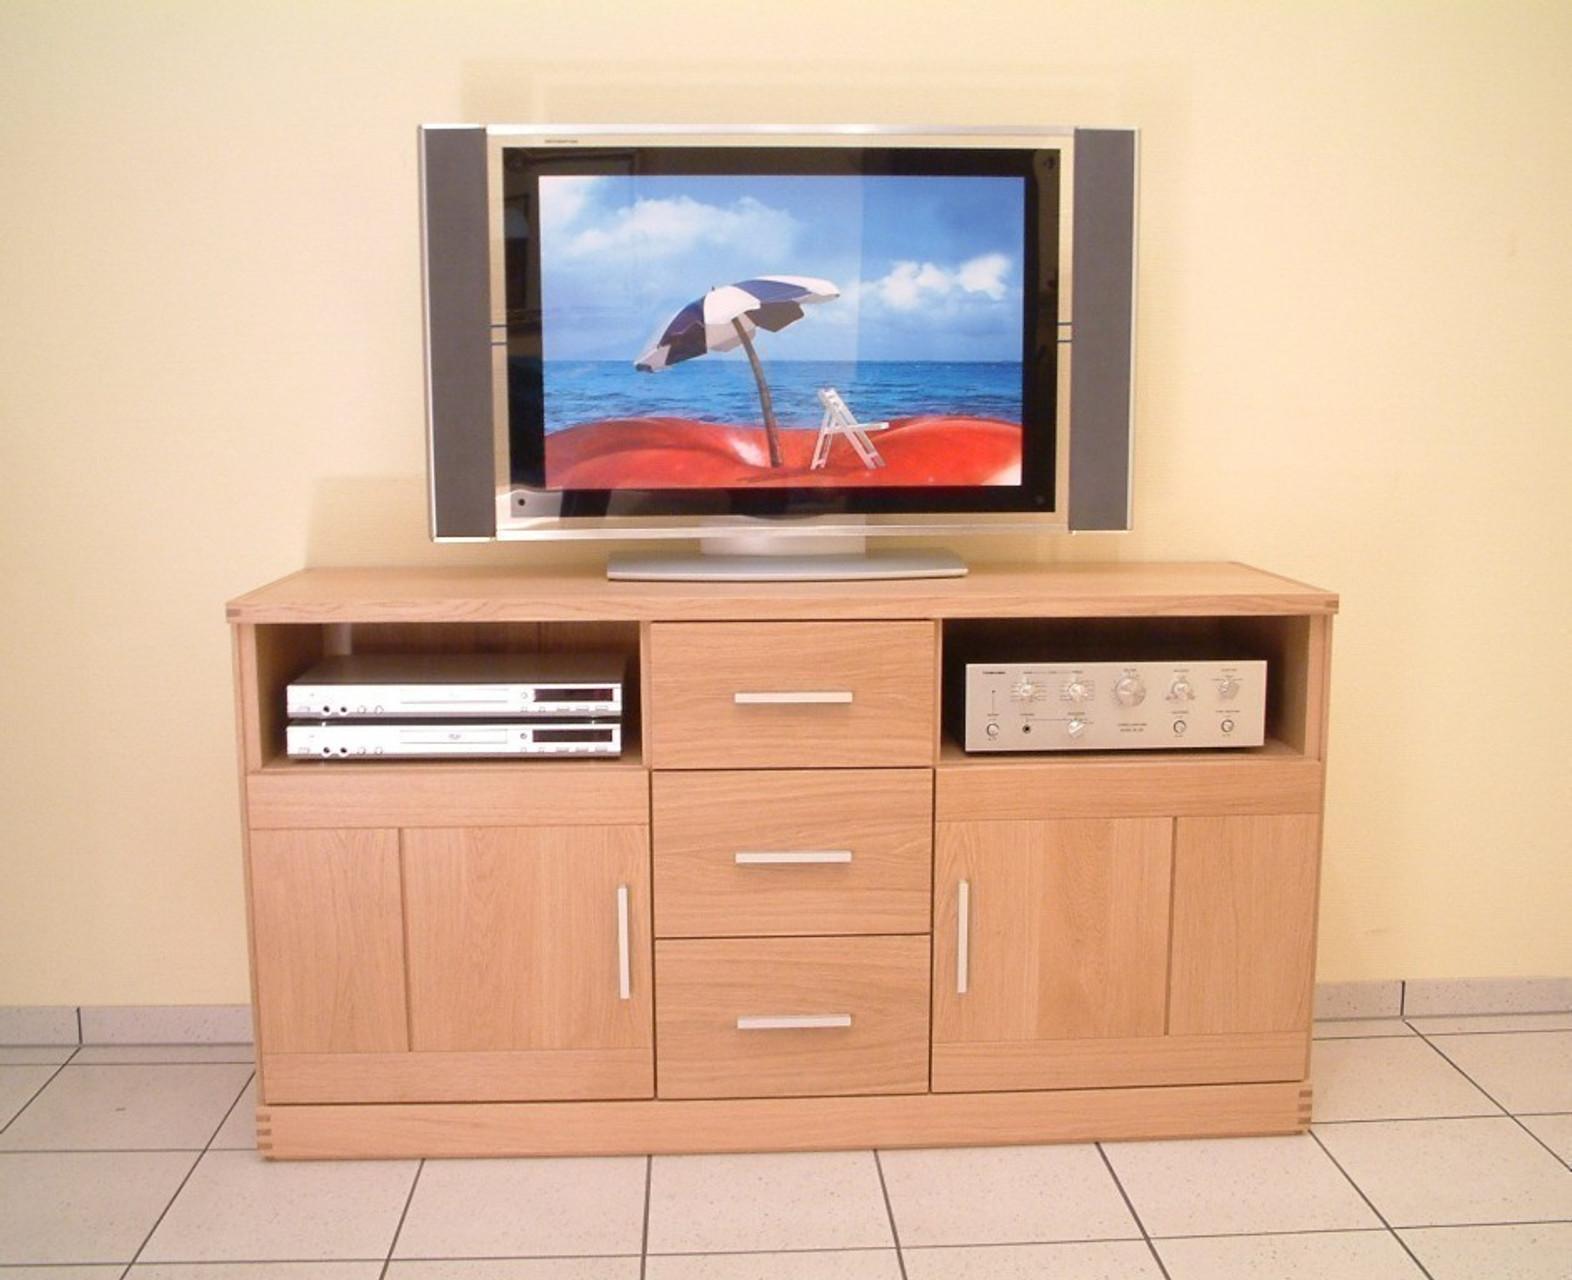 Kantatus Tv Mobel Sideboard Moderne Tv Anrichte Kommode Breite 143 Cm Type M3ni 143 In Eiche Vollmassiv Auch In Buche Kernbuche Oder Kirschbaum Moglich Moebelwunsch24